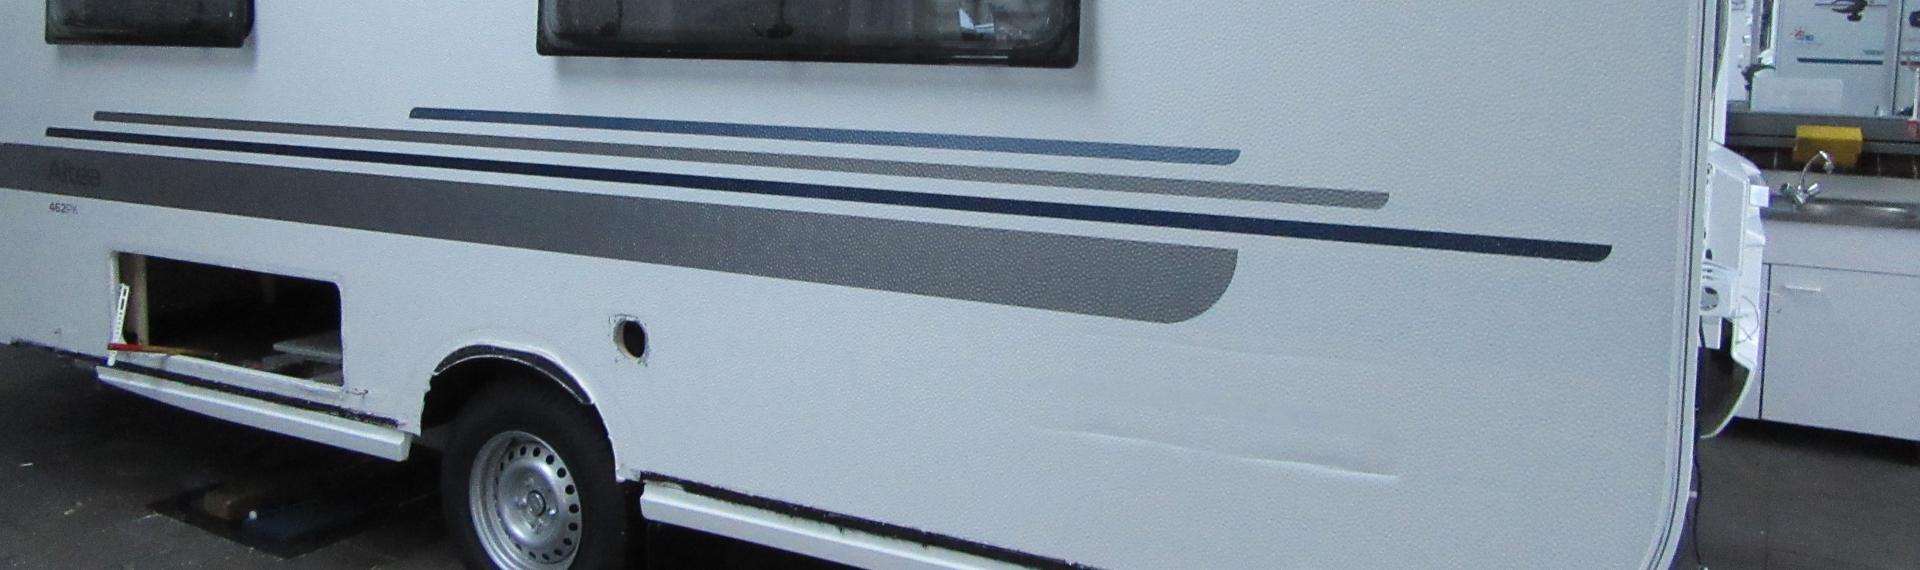 Caravanbedrijf M van der Sande